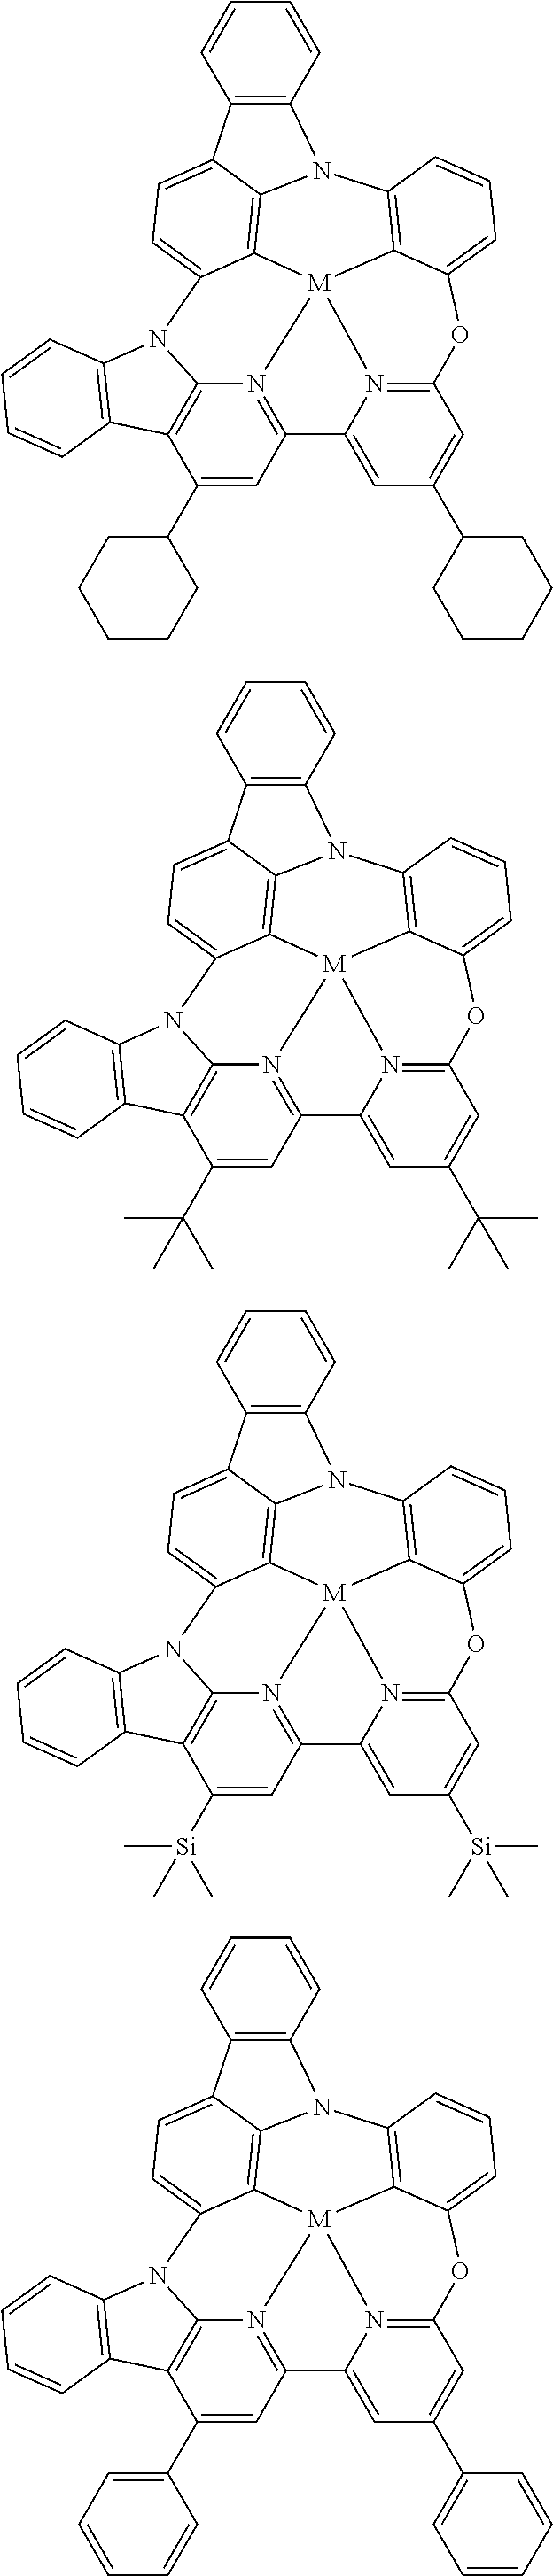 Figure US10158091-20181218-C00245